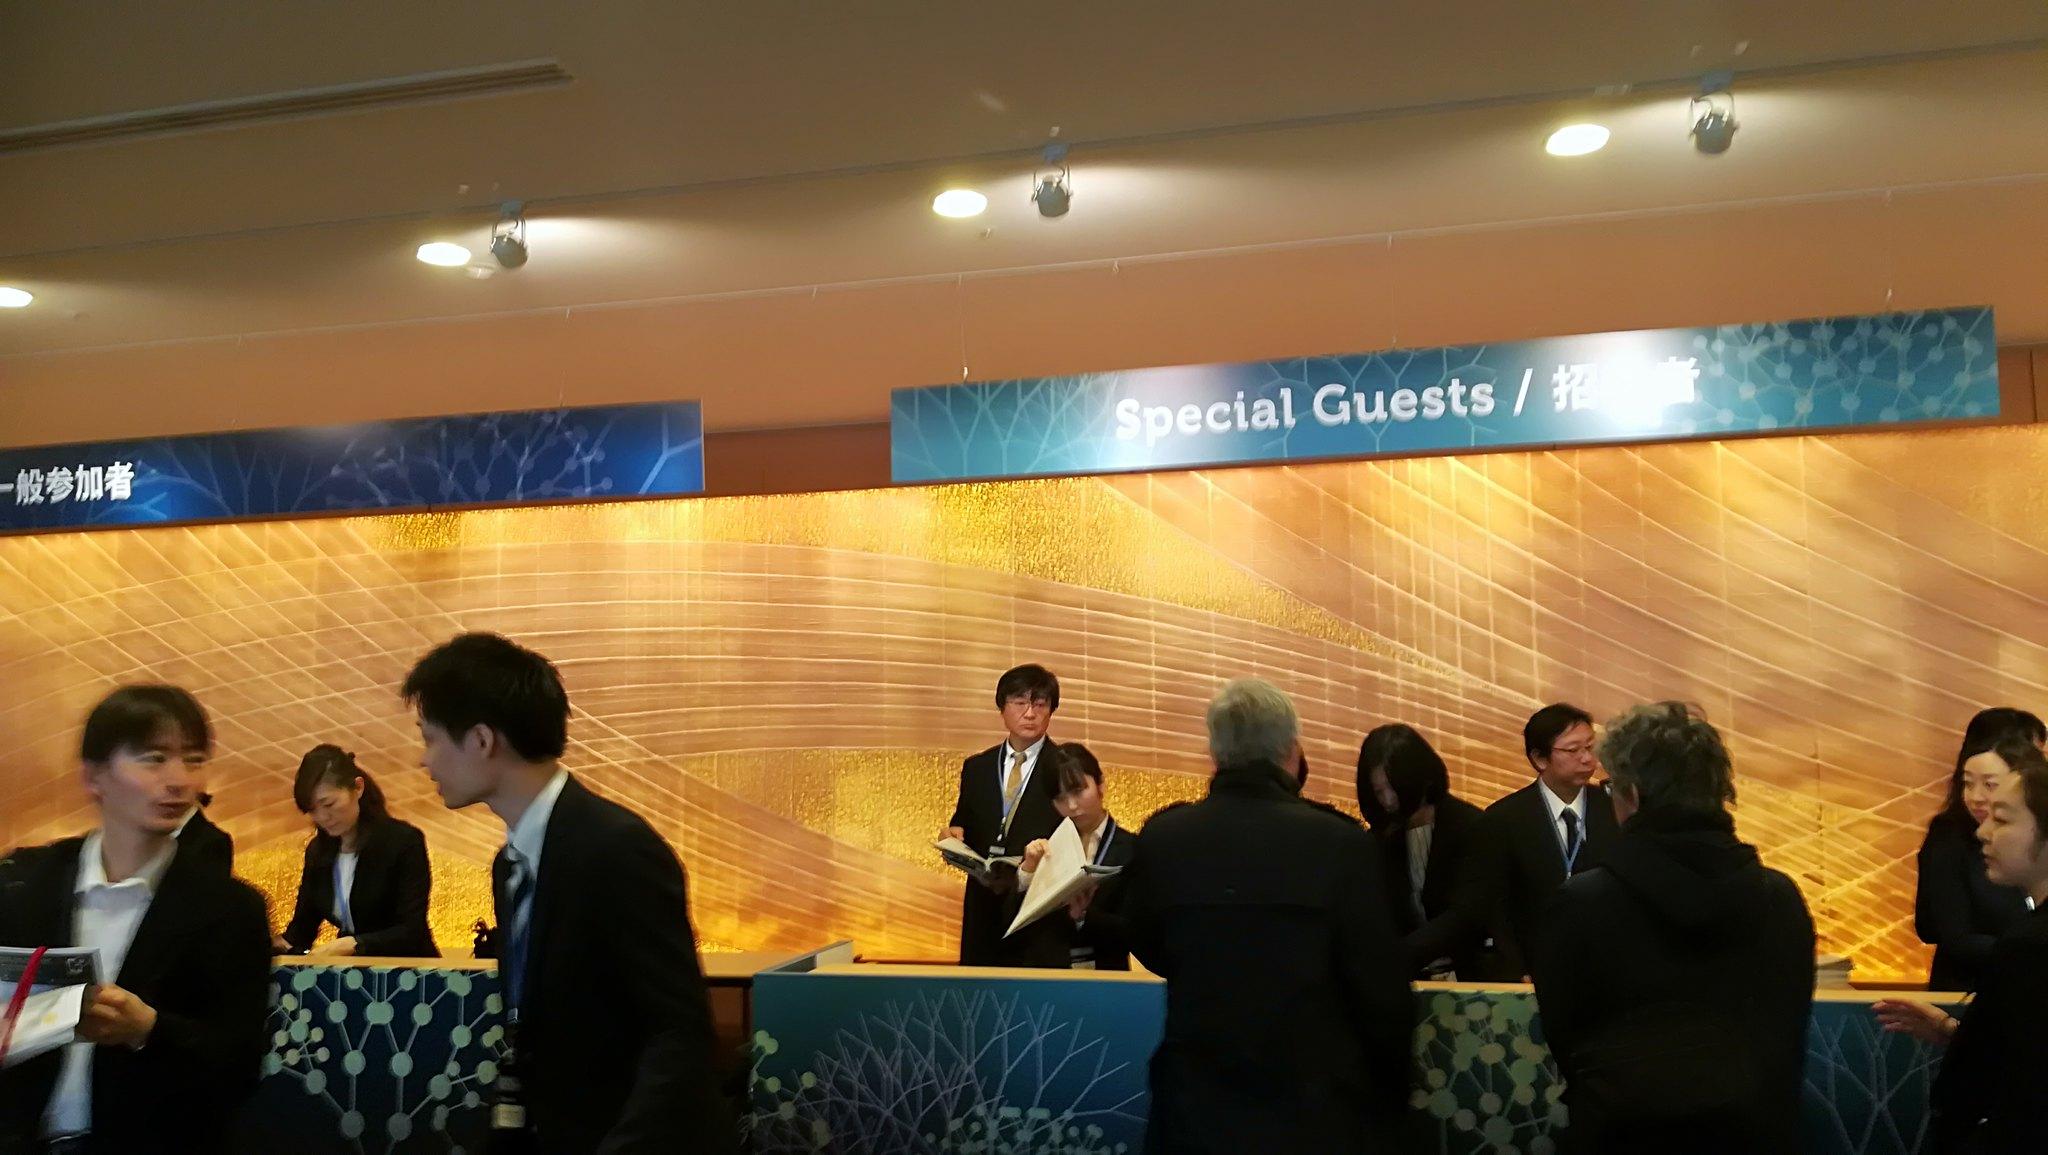 ノーベル・プライズ・ダイアログ東京 2018 - Nobel Prize Dialogue 2018